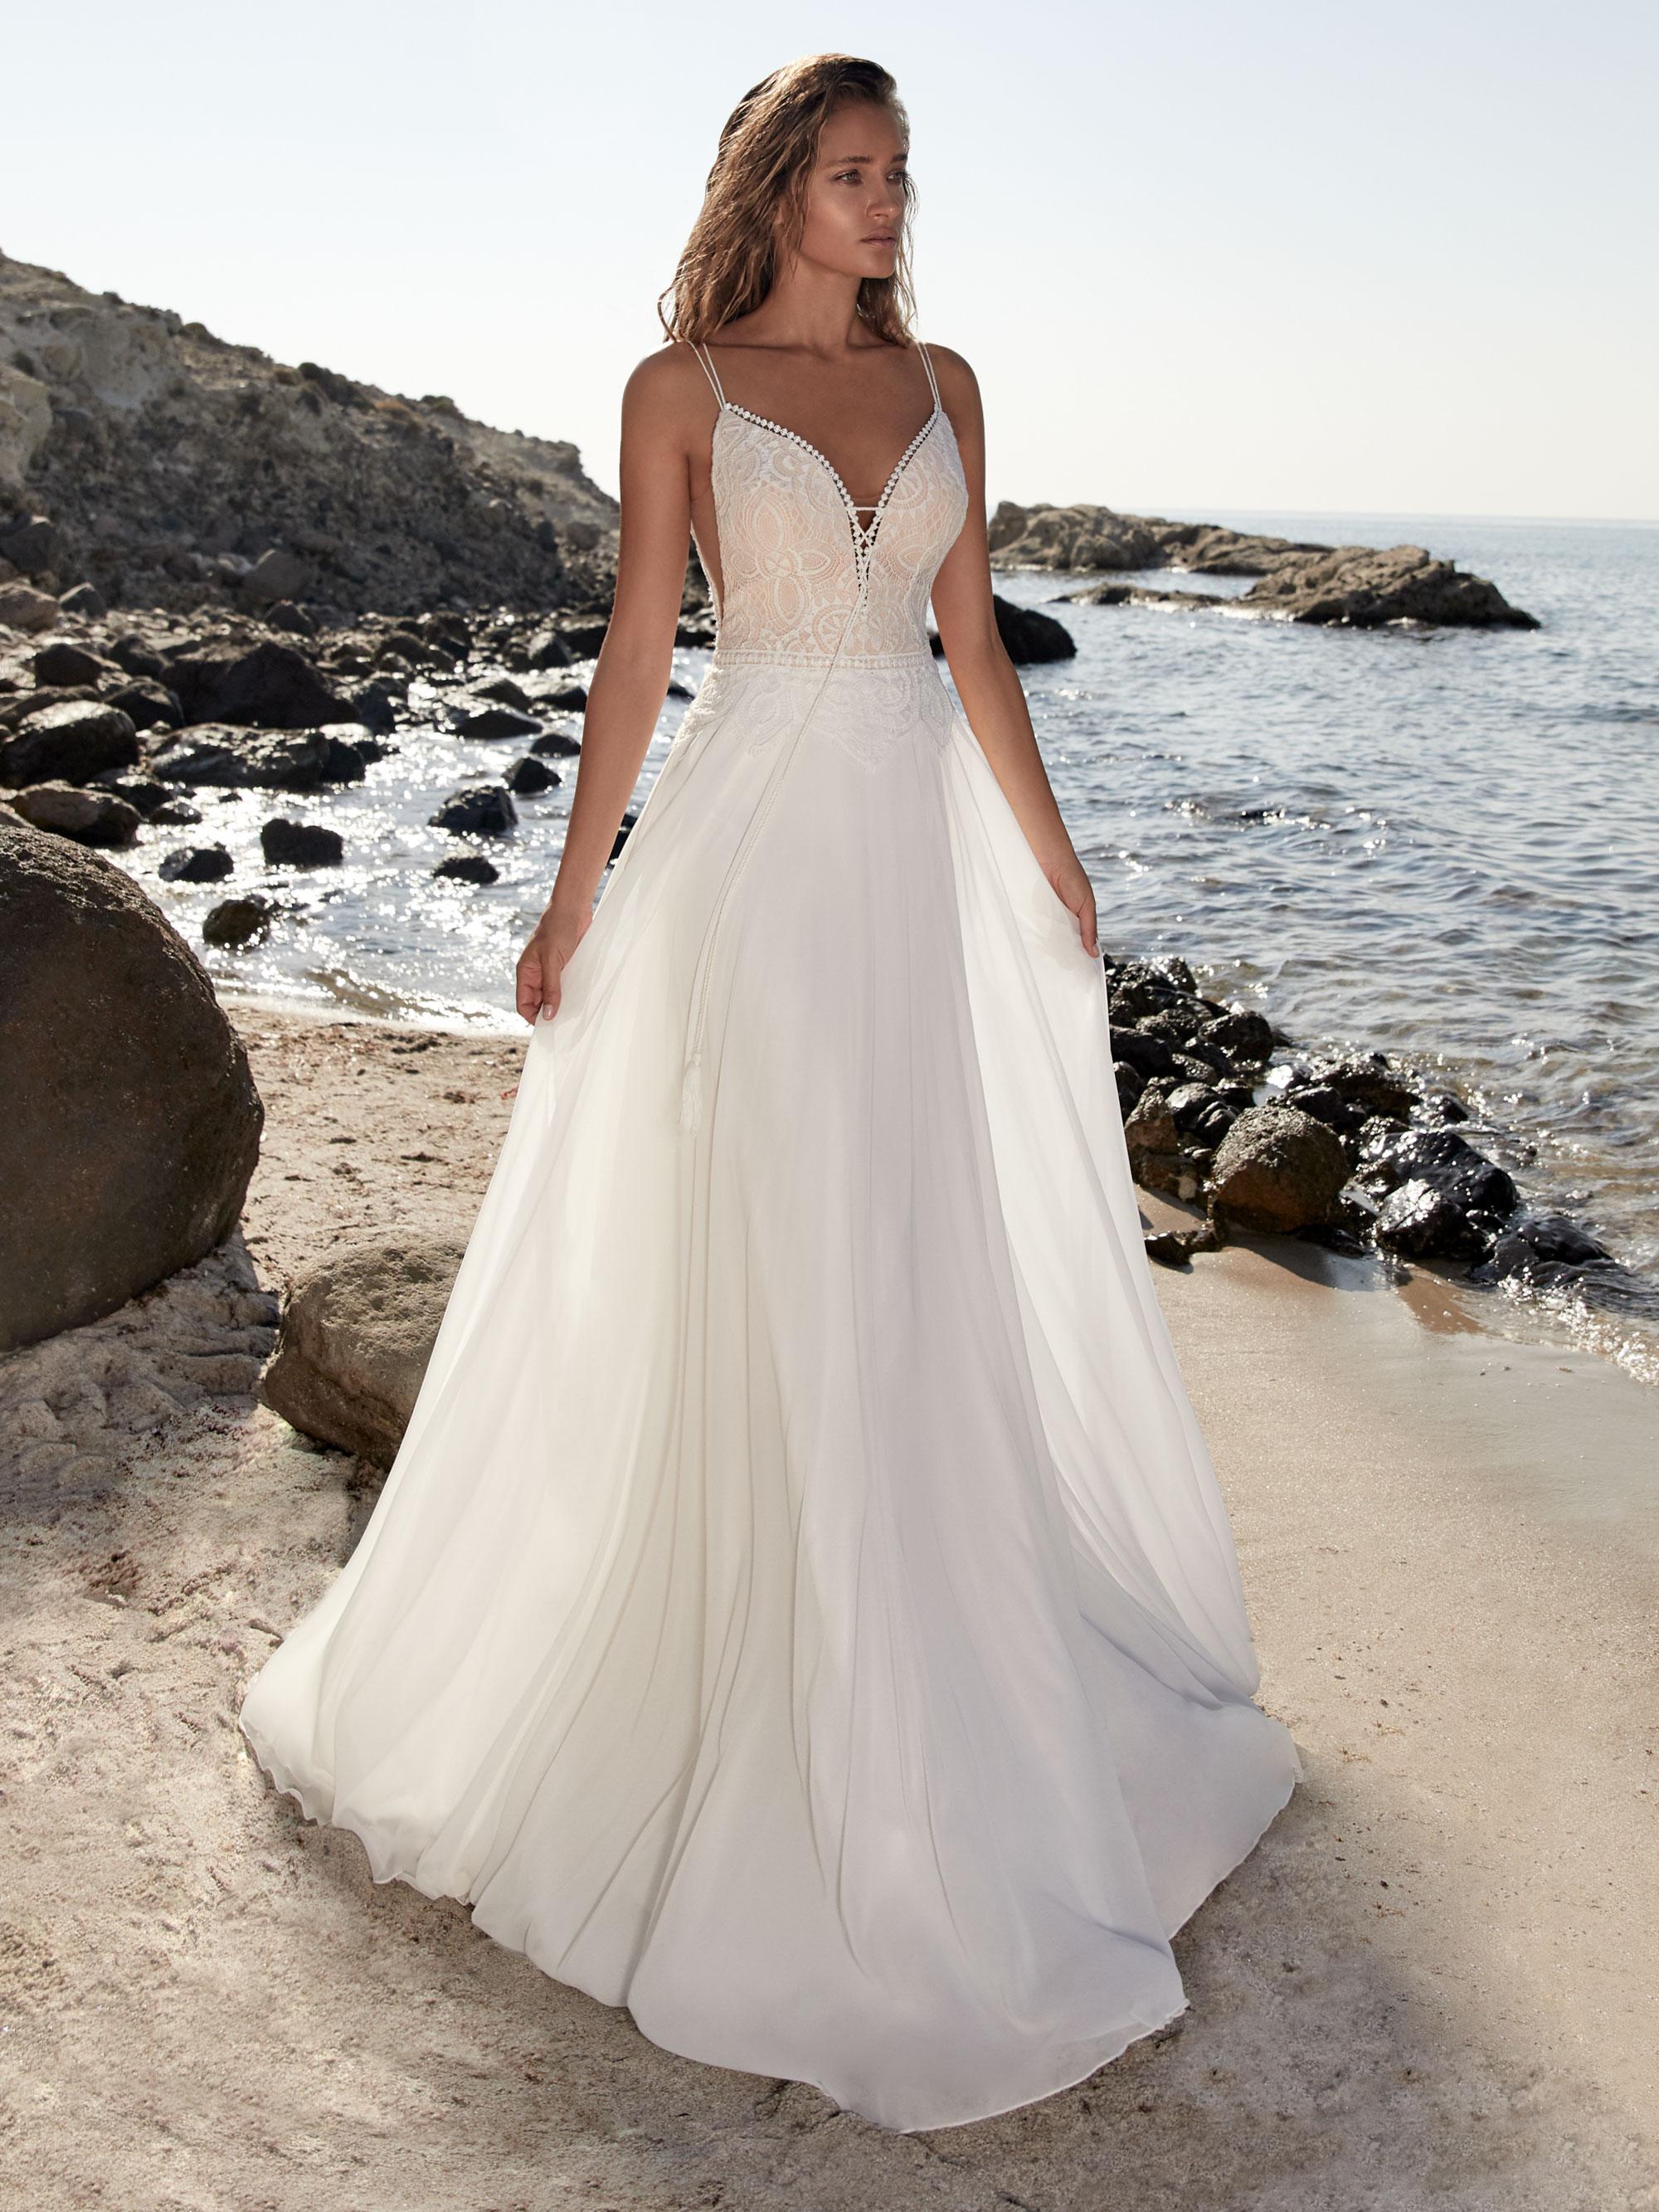 Robe de mariée fluide Tricot - White Boutik